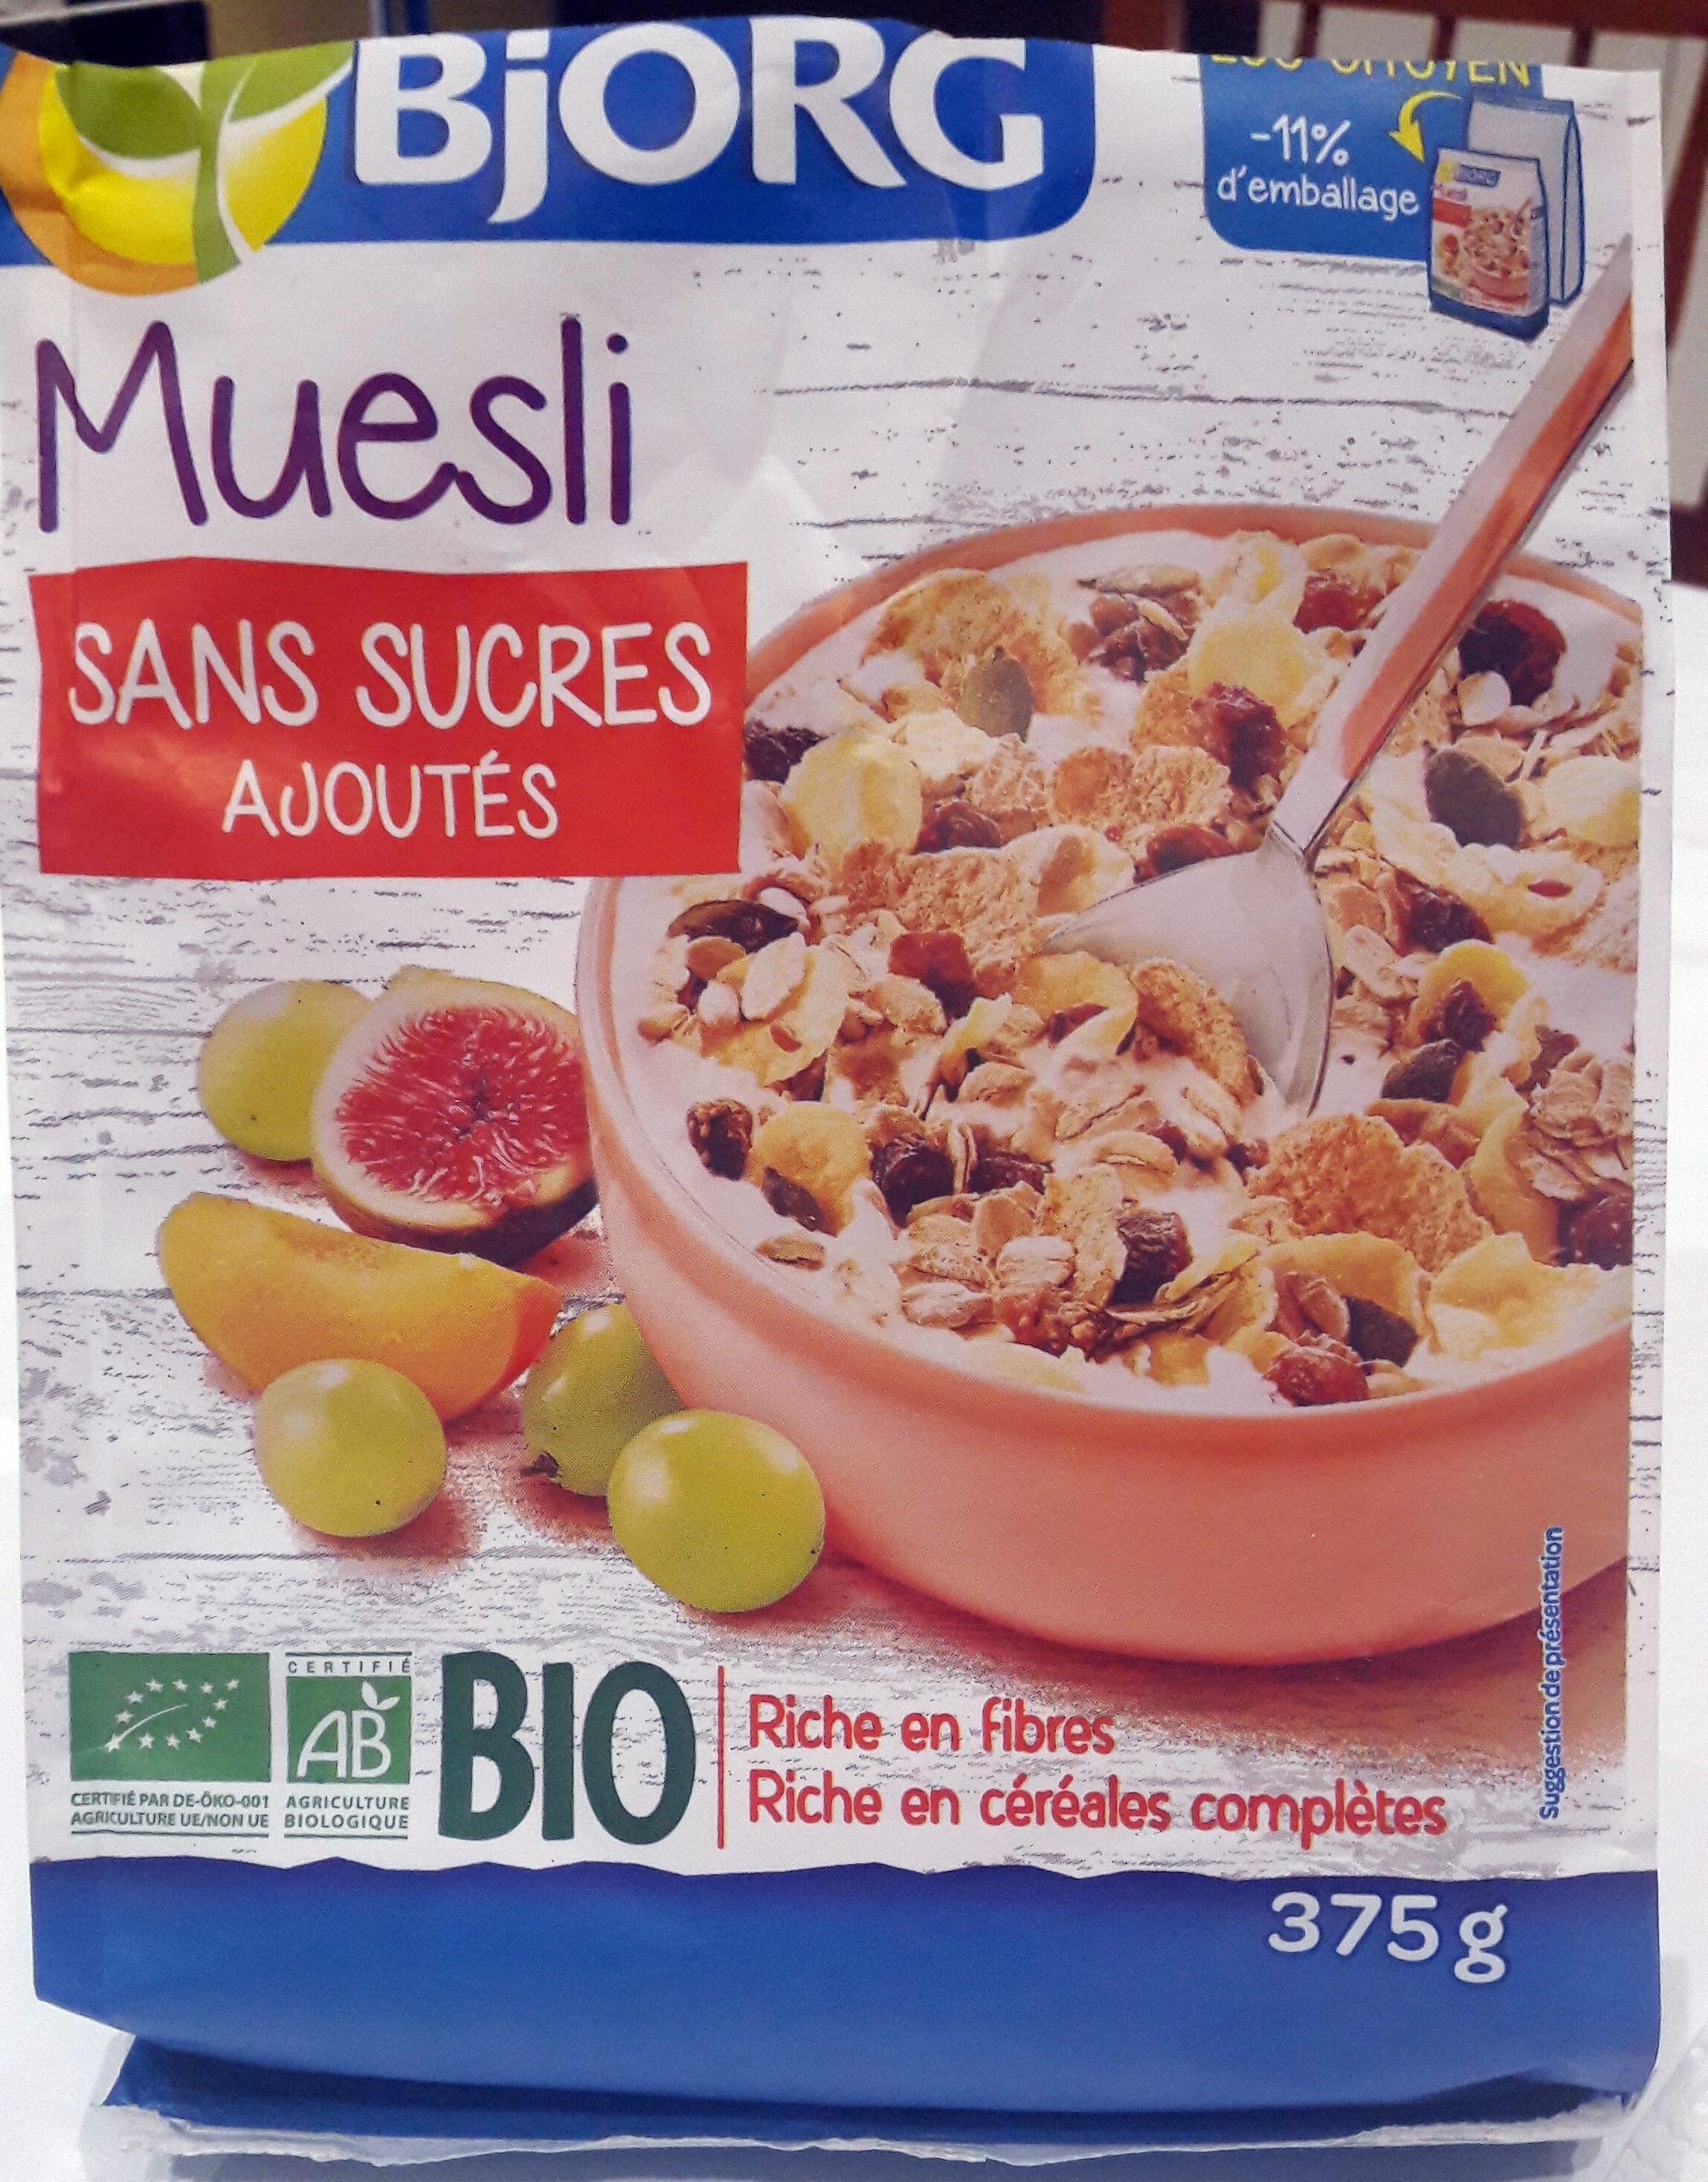 Muesli sans sucre ajoutés - Produit - fr